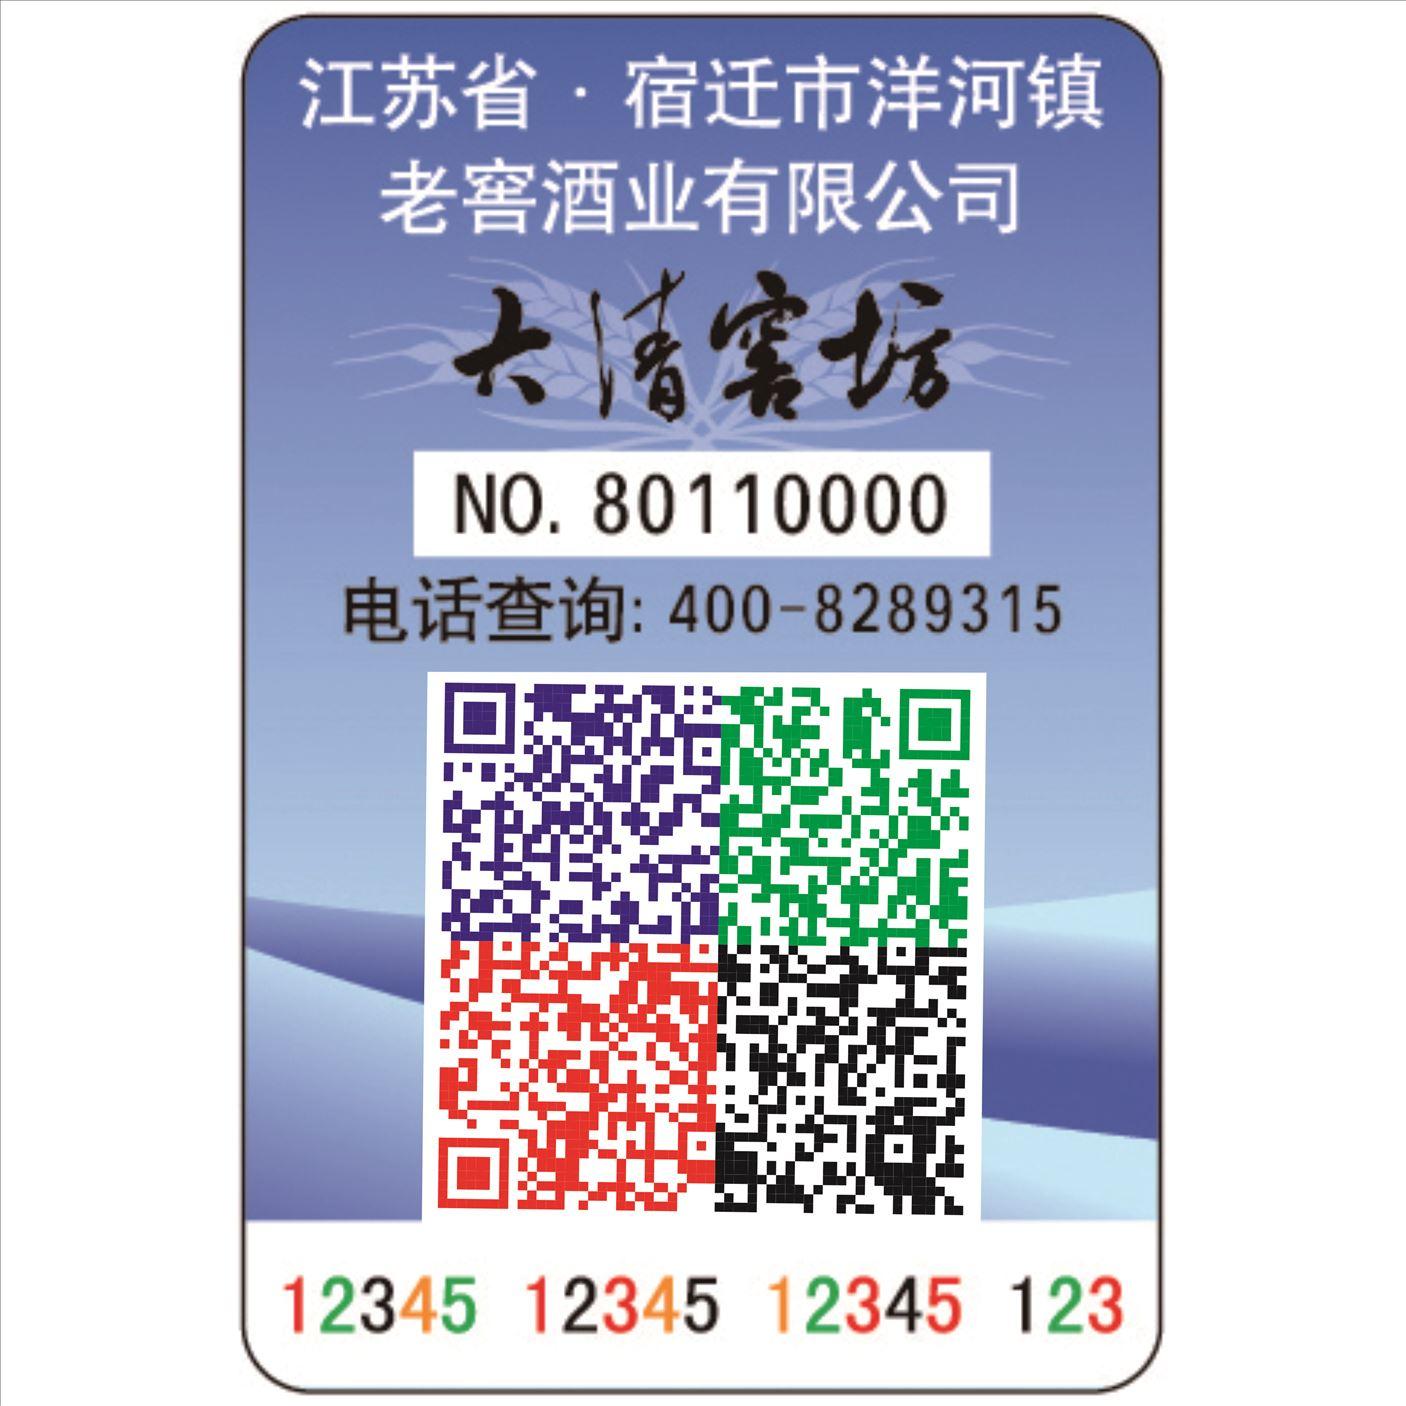 产品二维码防伪标签,防伪码查询中心是面向国内外推广并实施的唯一专业的大型防伪防窜查询平台。